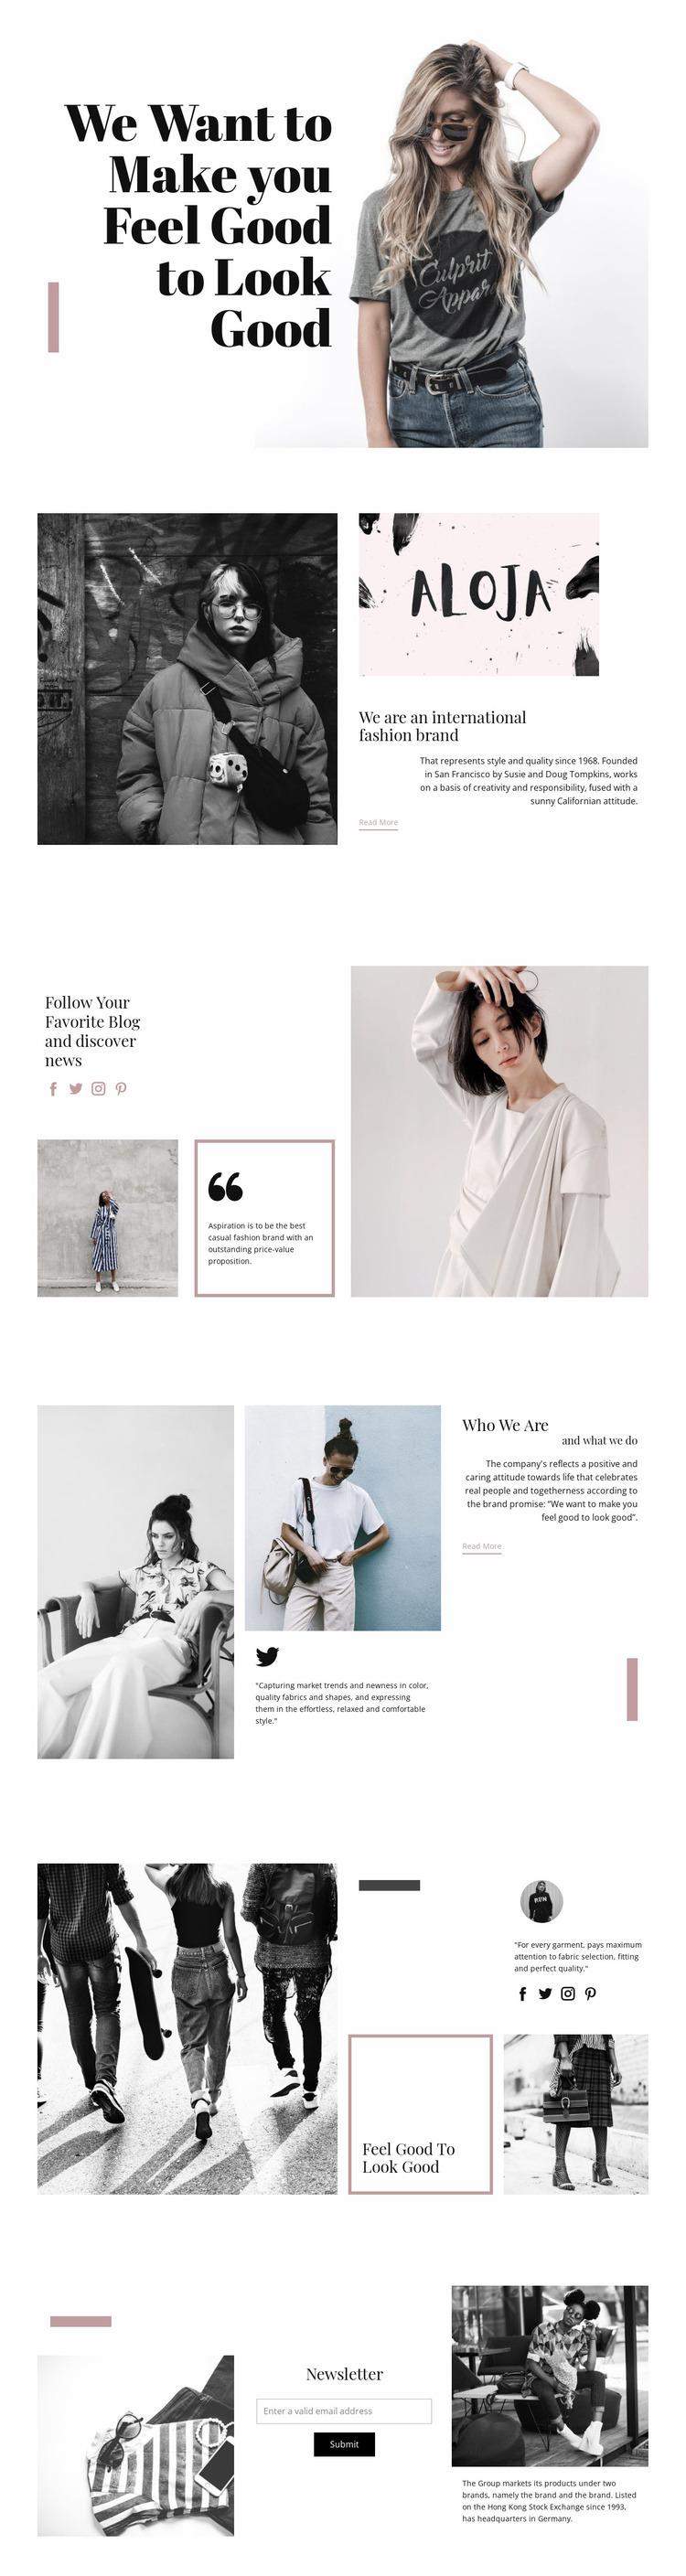 Fashion Style Website Mockup